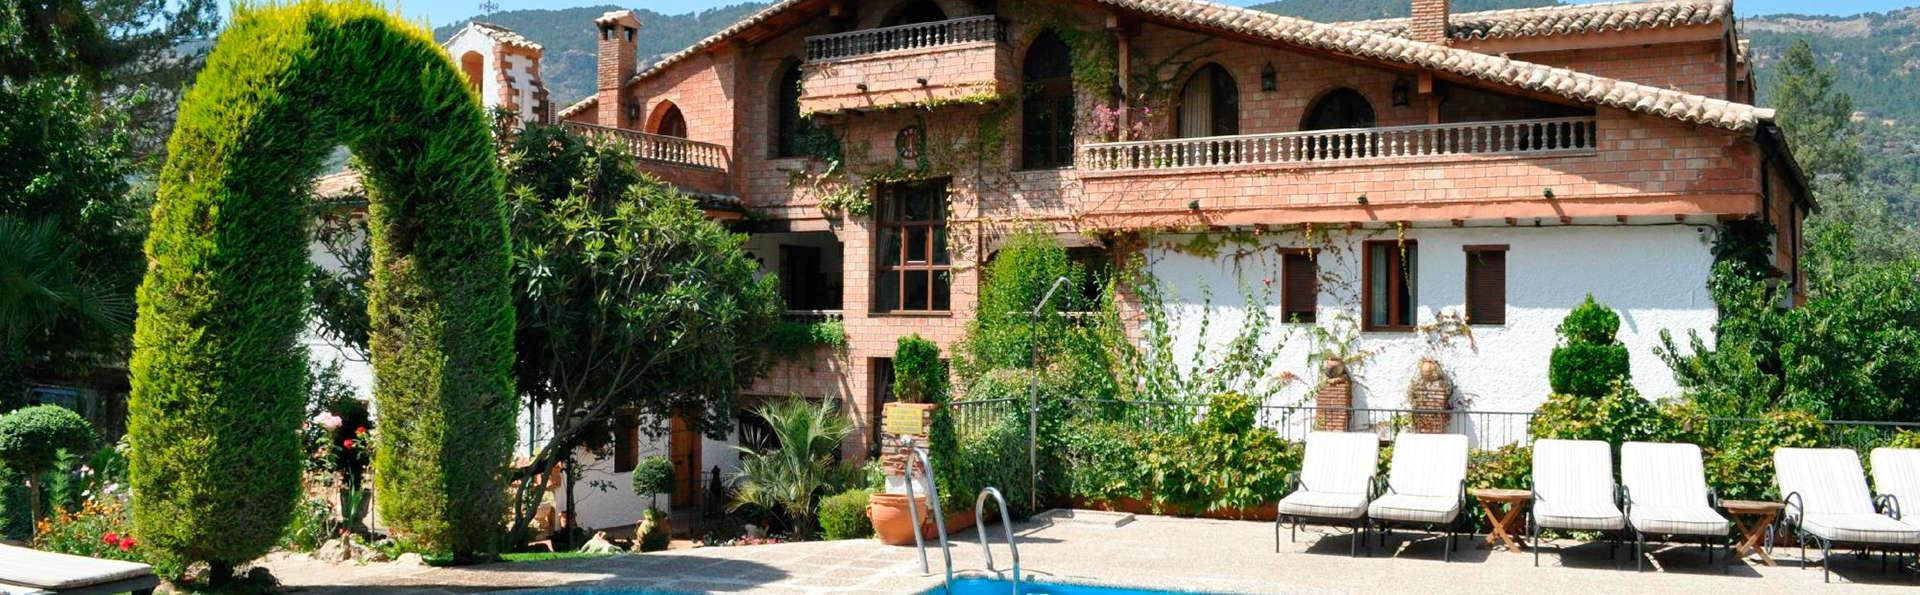 Hotel Rural Convento Santa María de la Sierra - EDIT_pool1.jpg